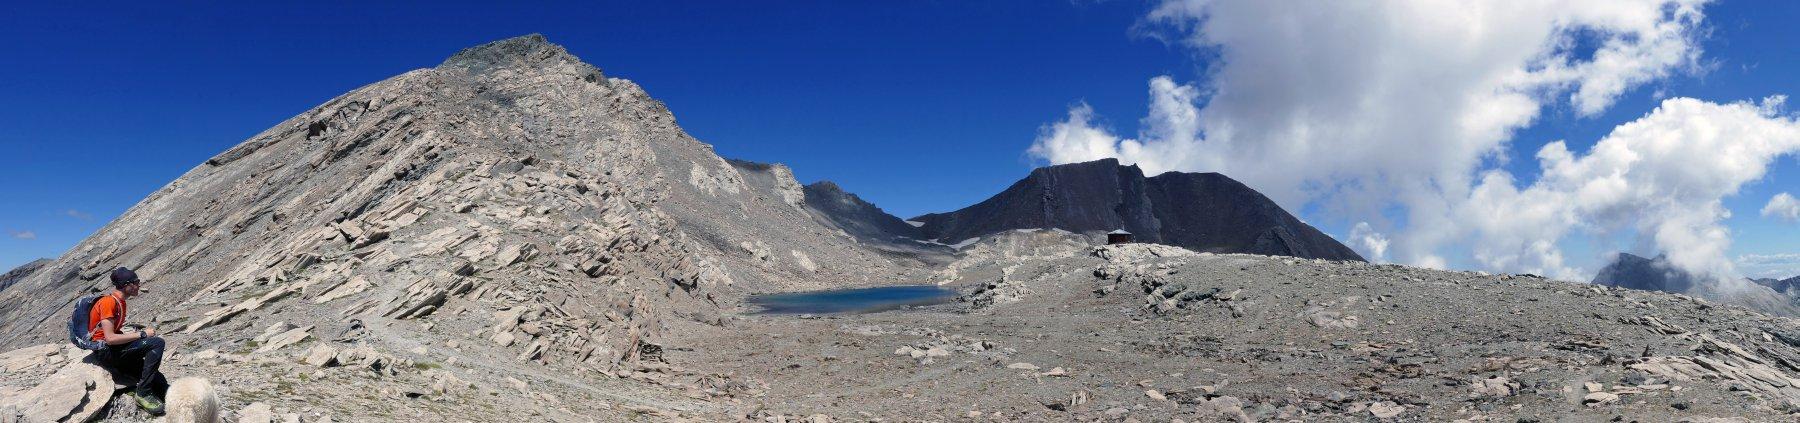 Panoramica sul Mongioia, lago, bivacco e Salza